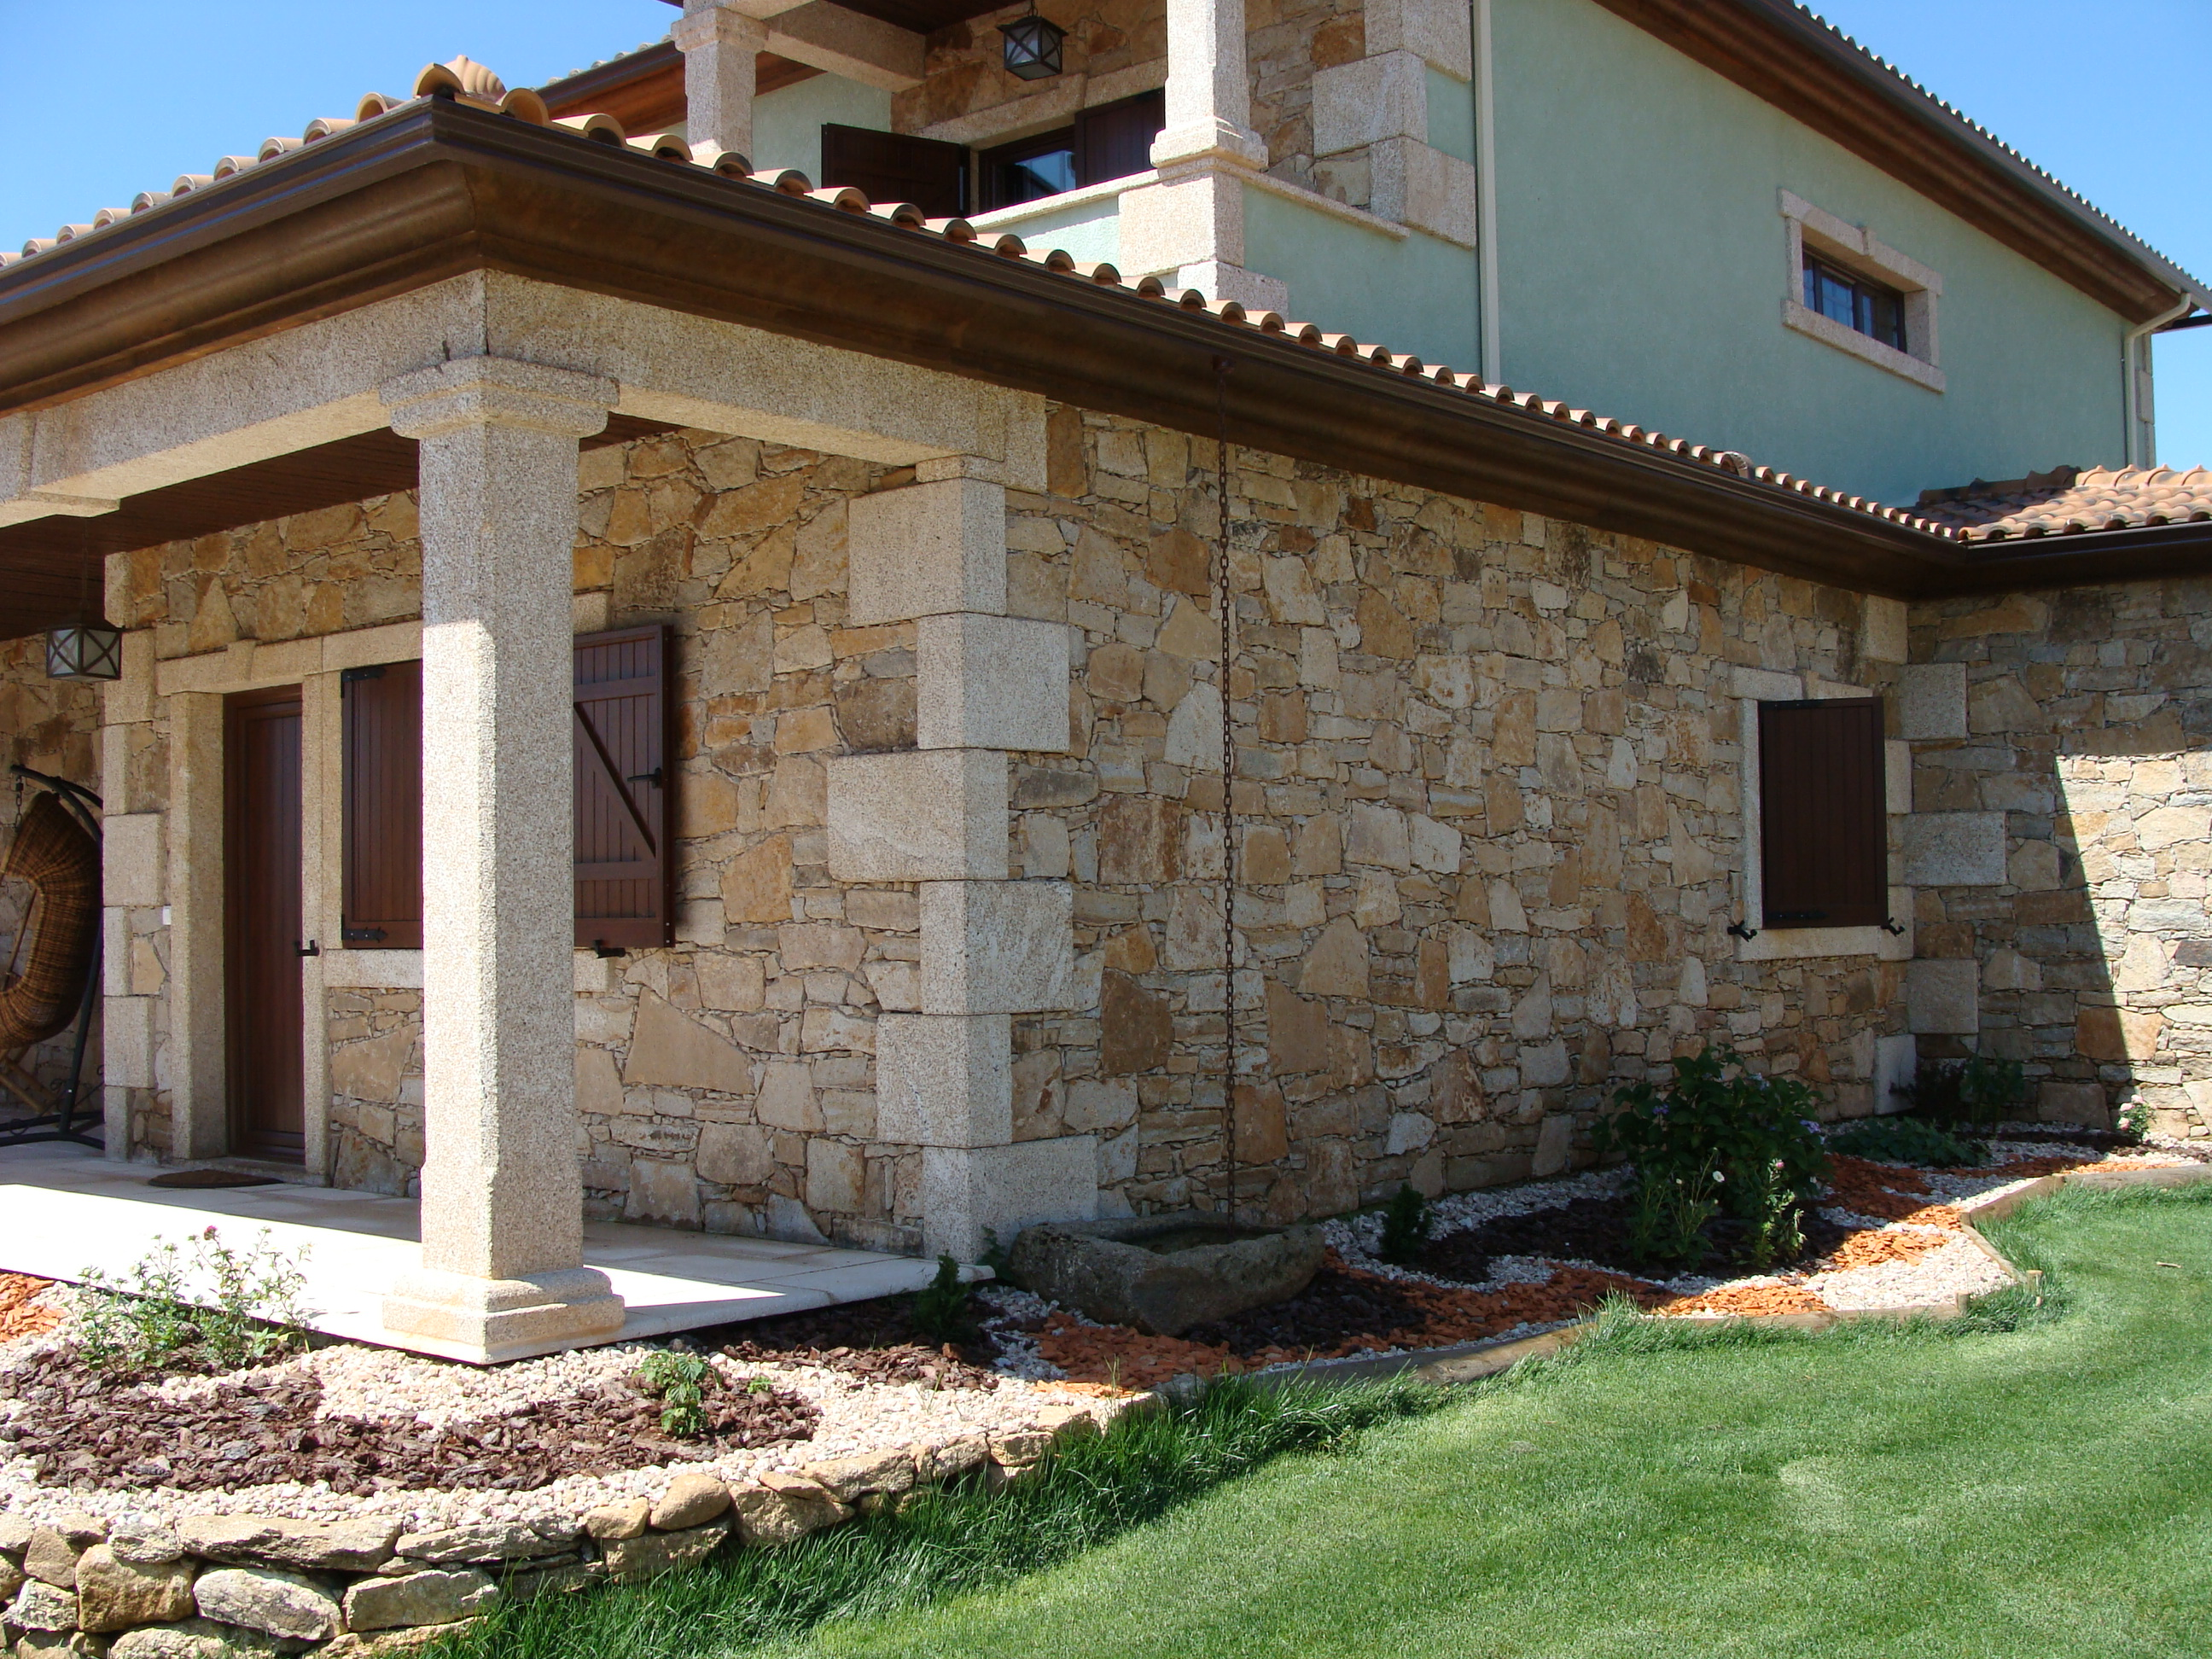 Colonne et pilier en pierre for Exterieur maison en pierre